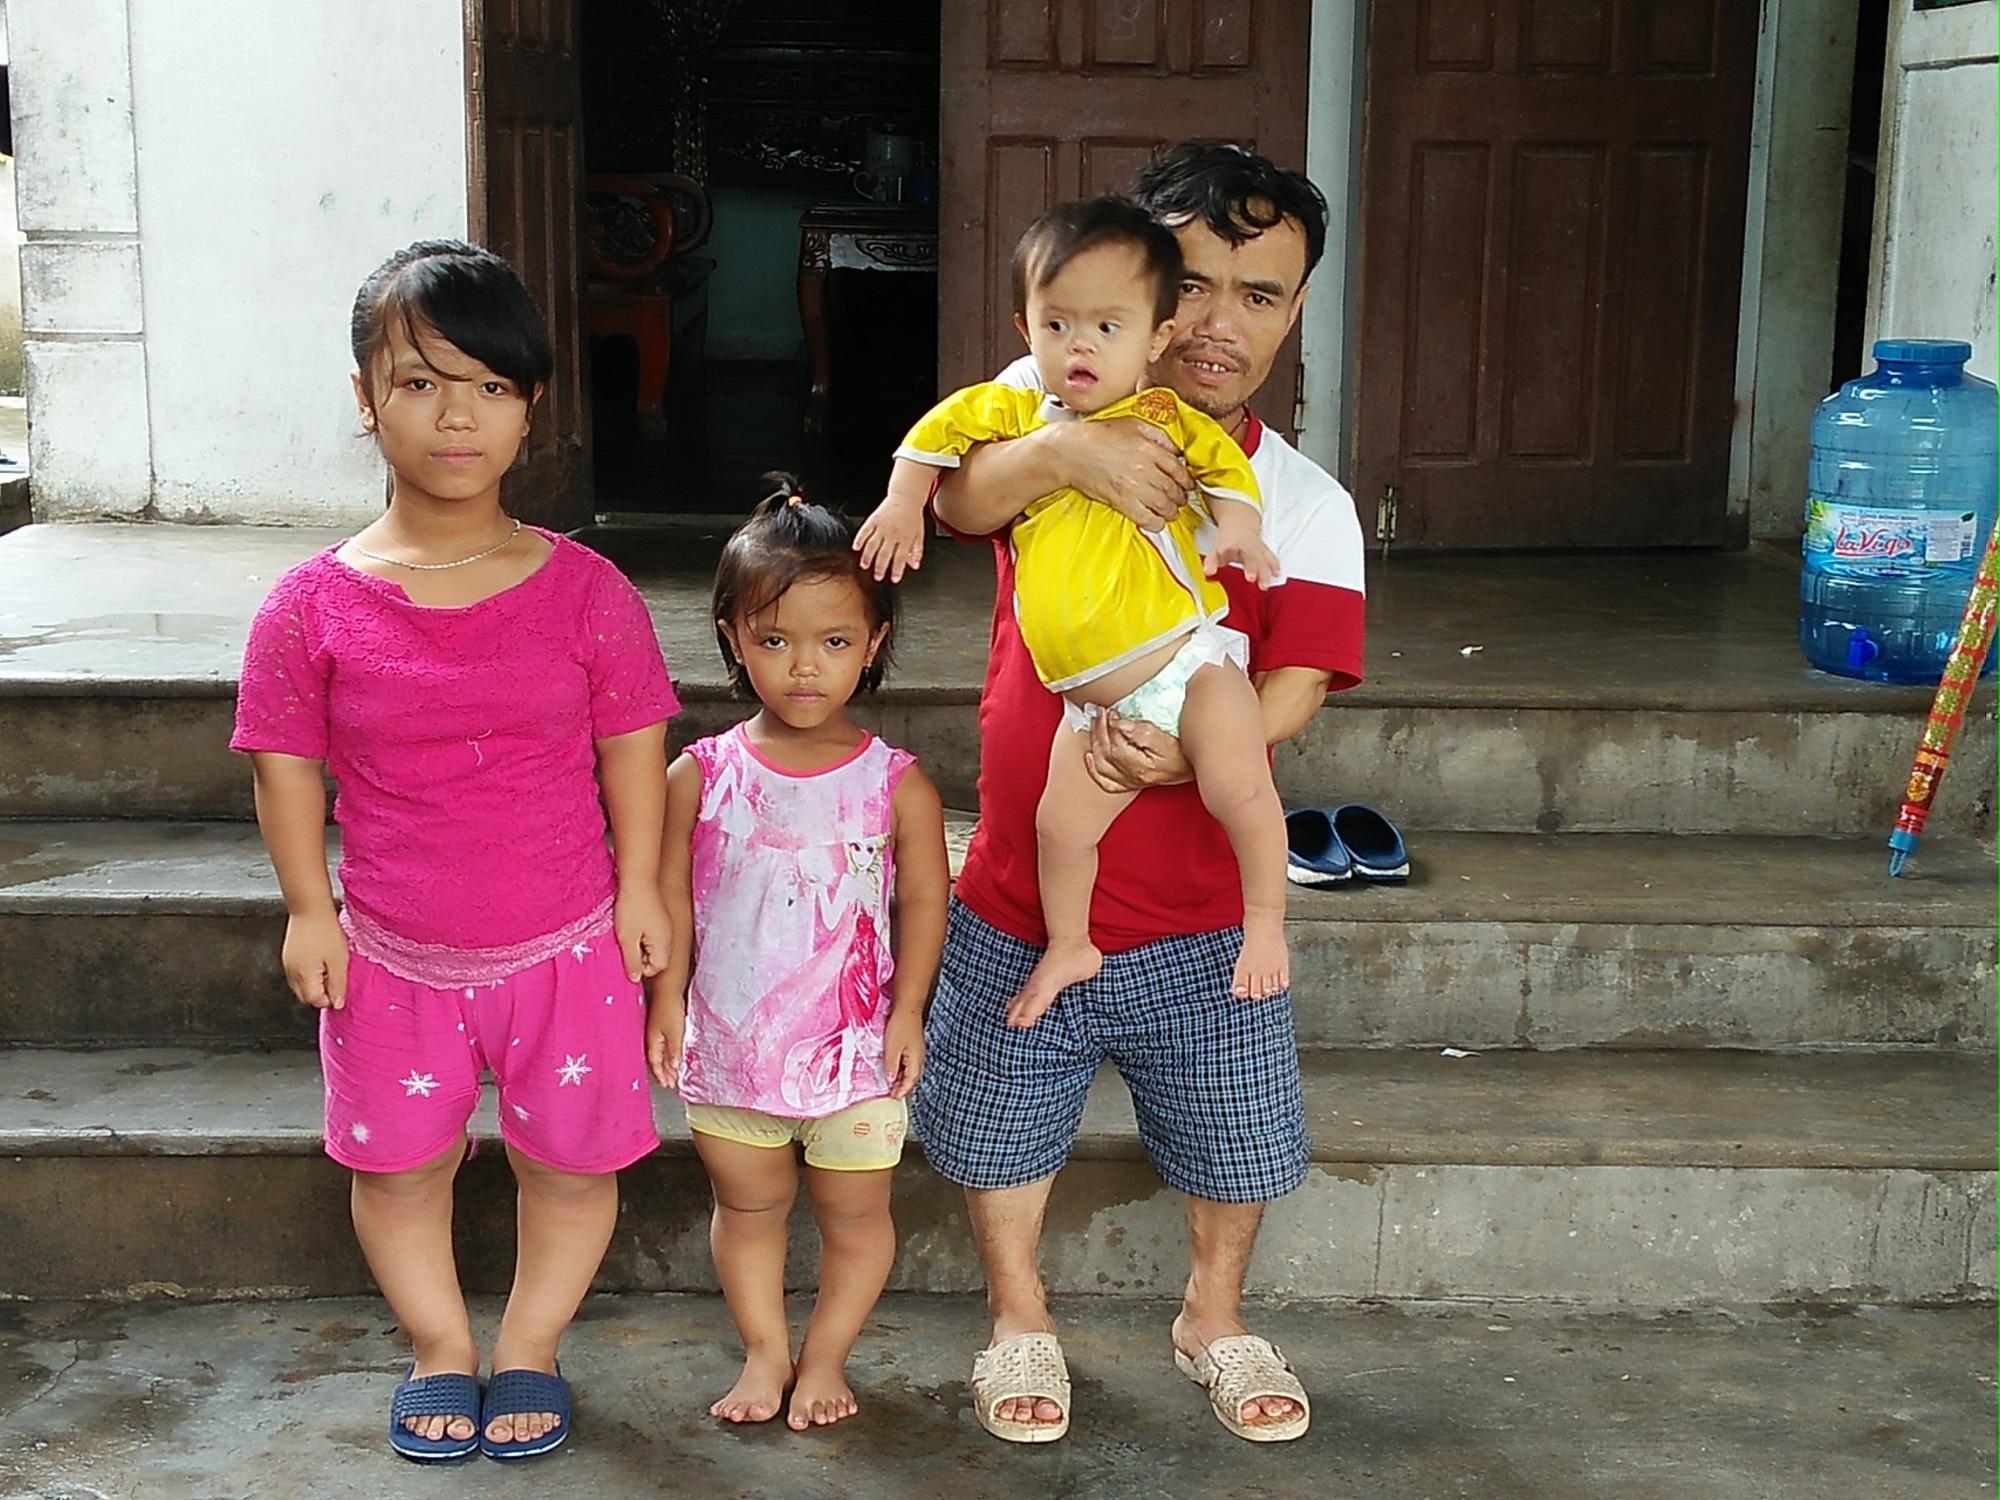 Chuyện đời bất hạnh của gia đình 'người lùn': 'Tôi phải làm sao để cứu con mình đây?' - Ảnh 3